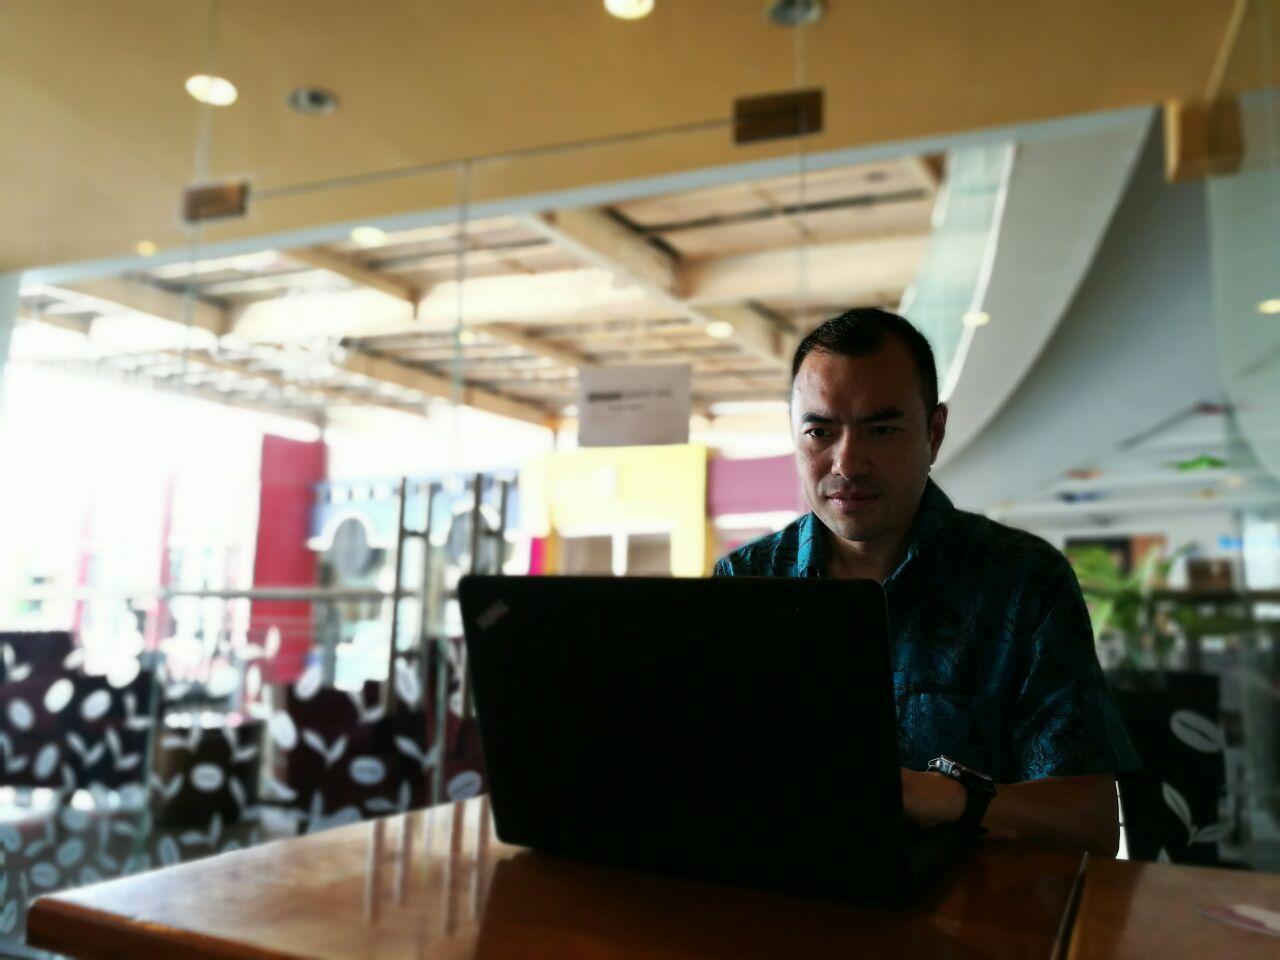 Dengan menggunakan Imooji, promosi produk dan event para pelaku bisnis akan lebih powerful (foto: GNFI)